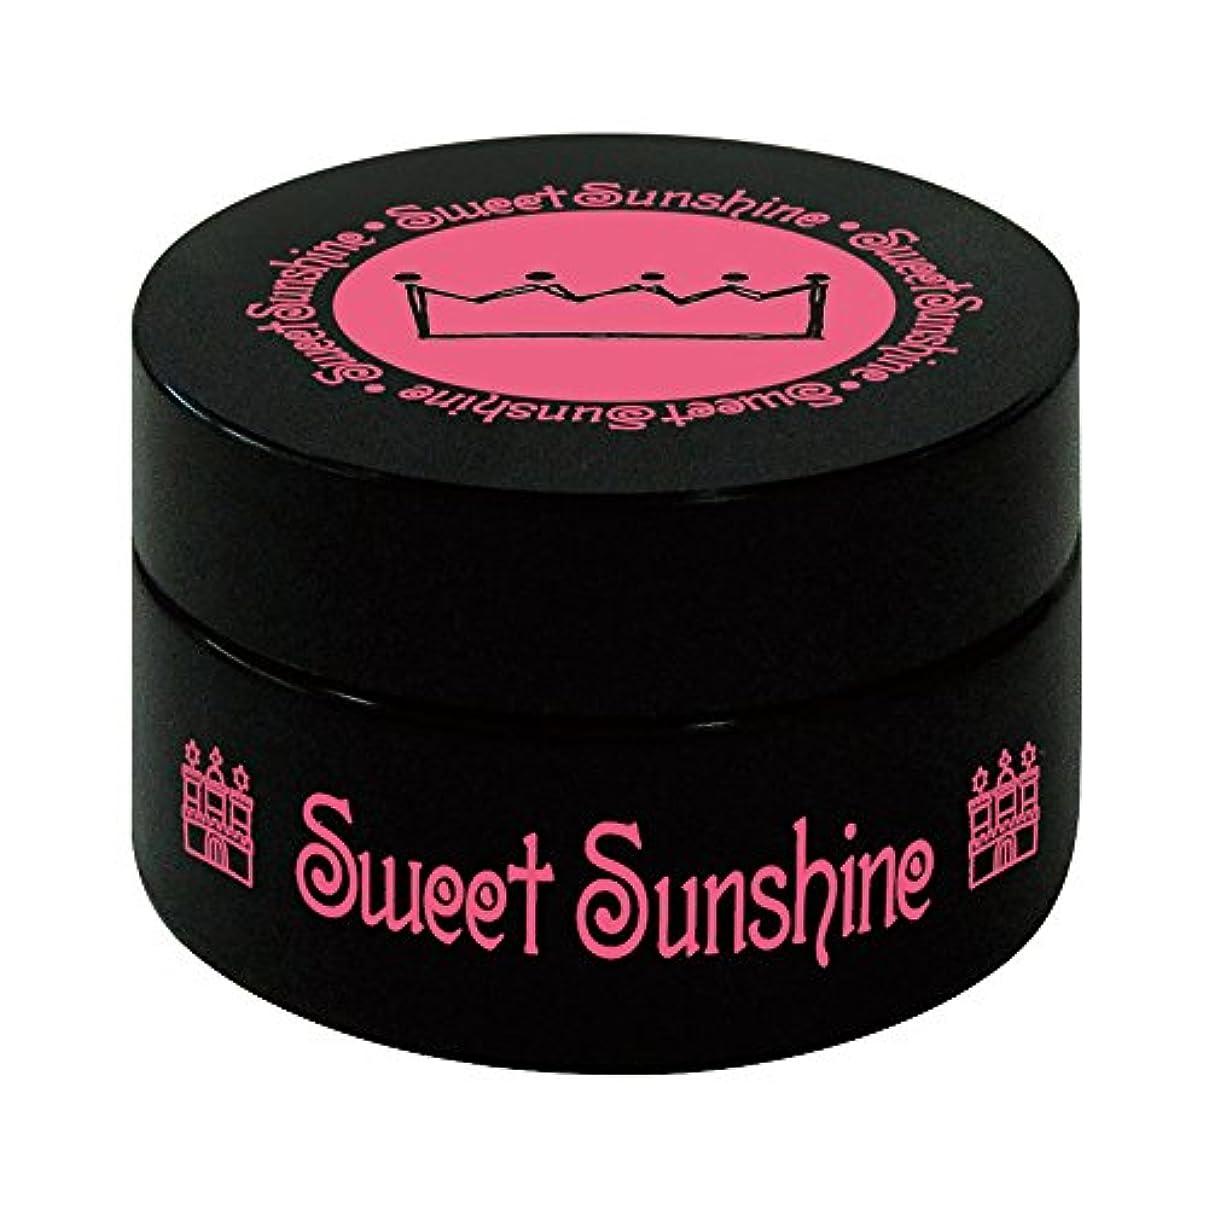 目の前の立証する静める最速硬化LED対応 Sweet Sunshine スィート サンシャイン カラージェル SC-5 4g サンシャインビーチレッド